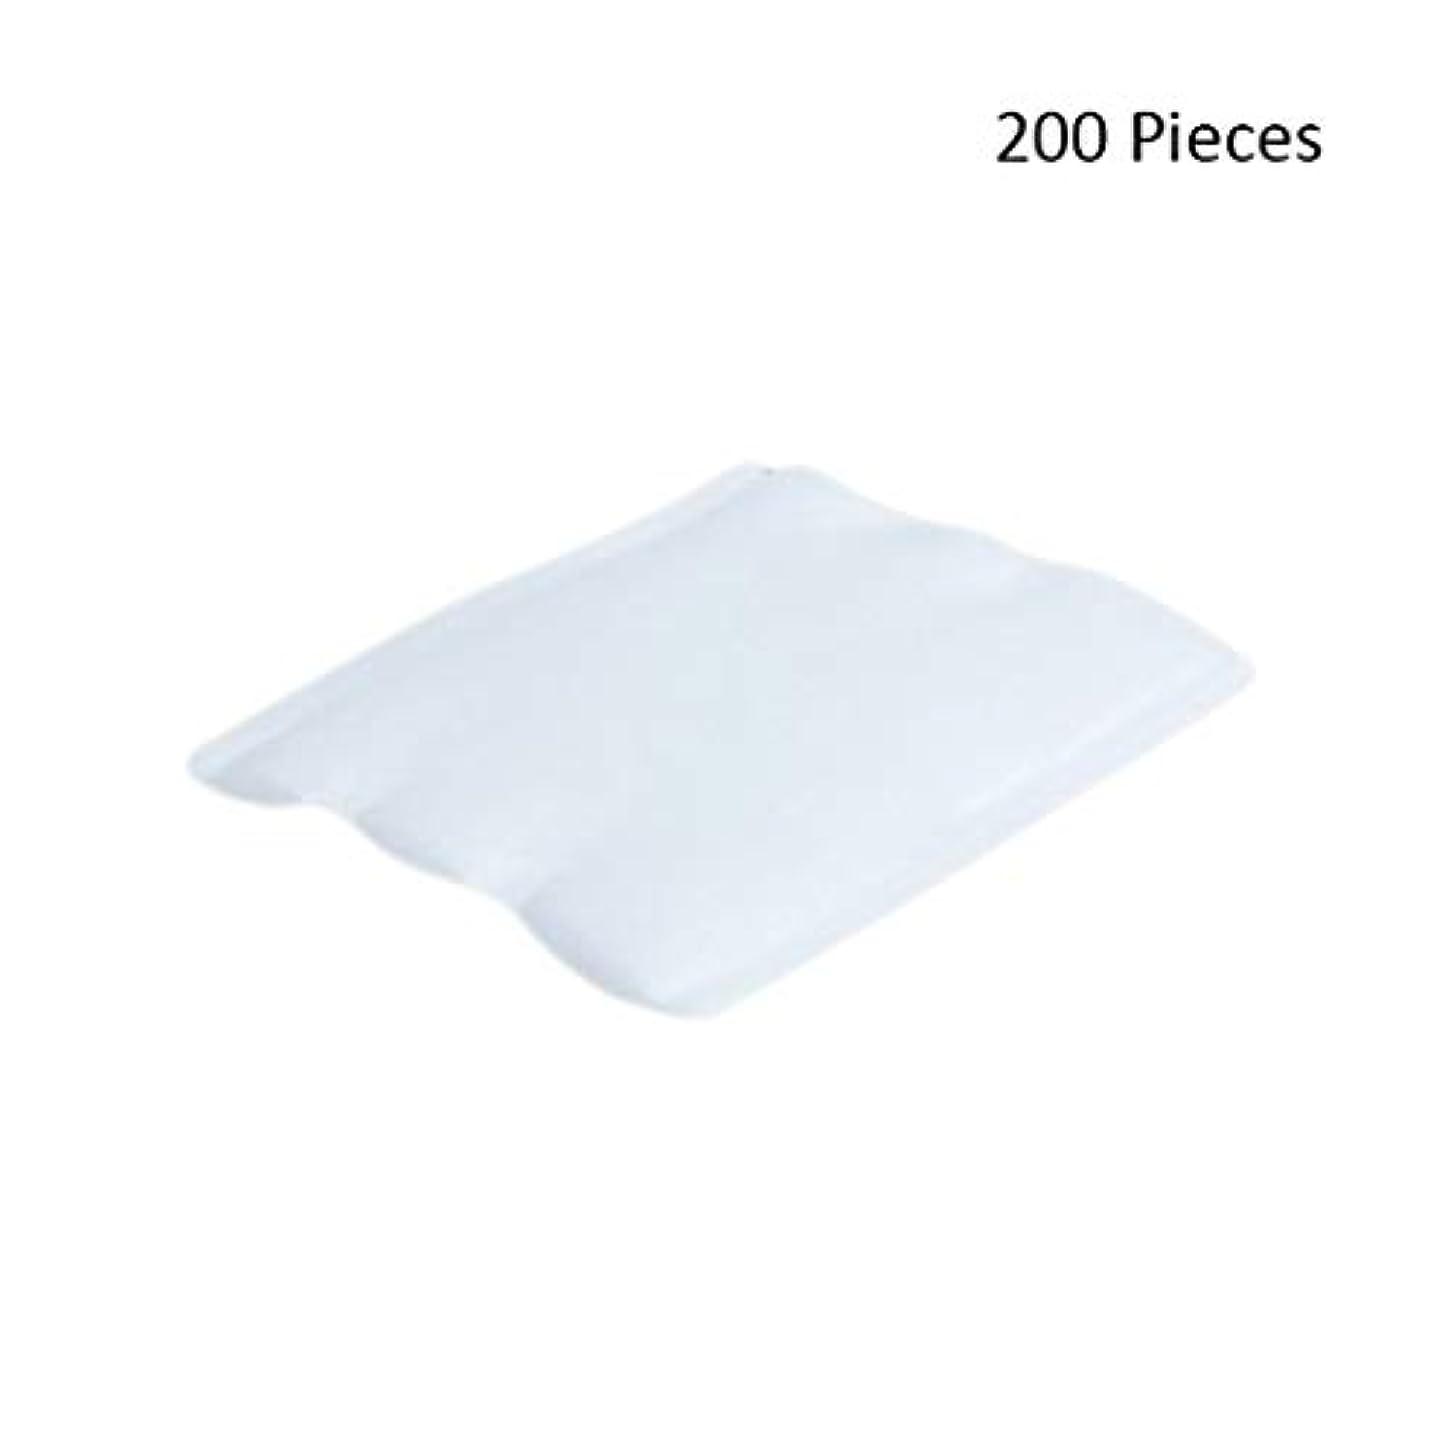 シュート協定セメント200ピースフェイスメイクアップリムーバーオーガニックフェイシャルクレンジングメイクアップ化粧品リムーバーワイプフェイスウォッシュスキンケアコットンパッド (Color : White, サイズ : 6*5cm)